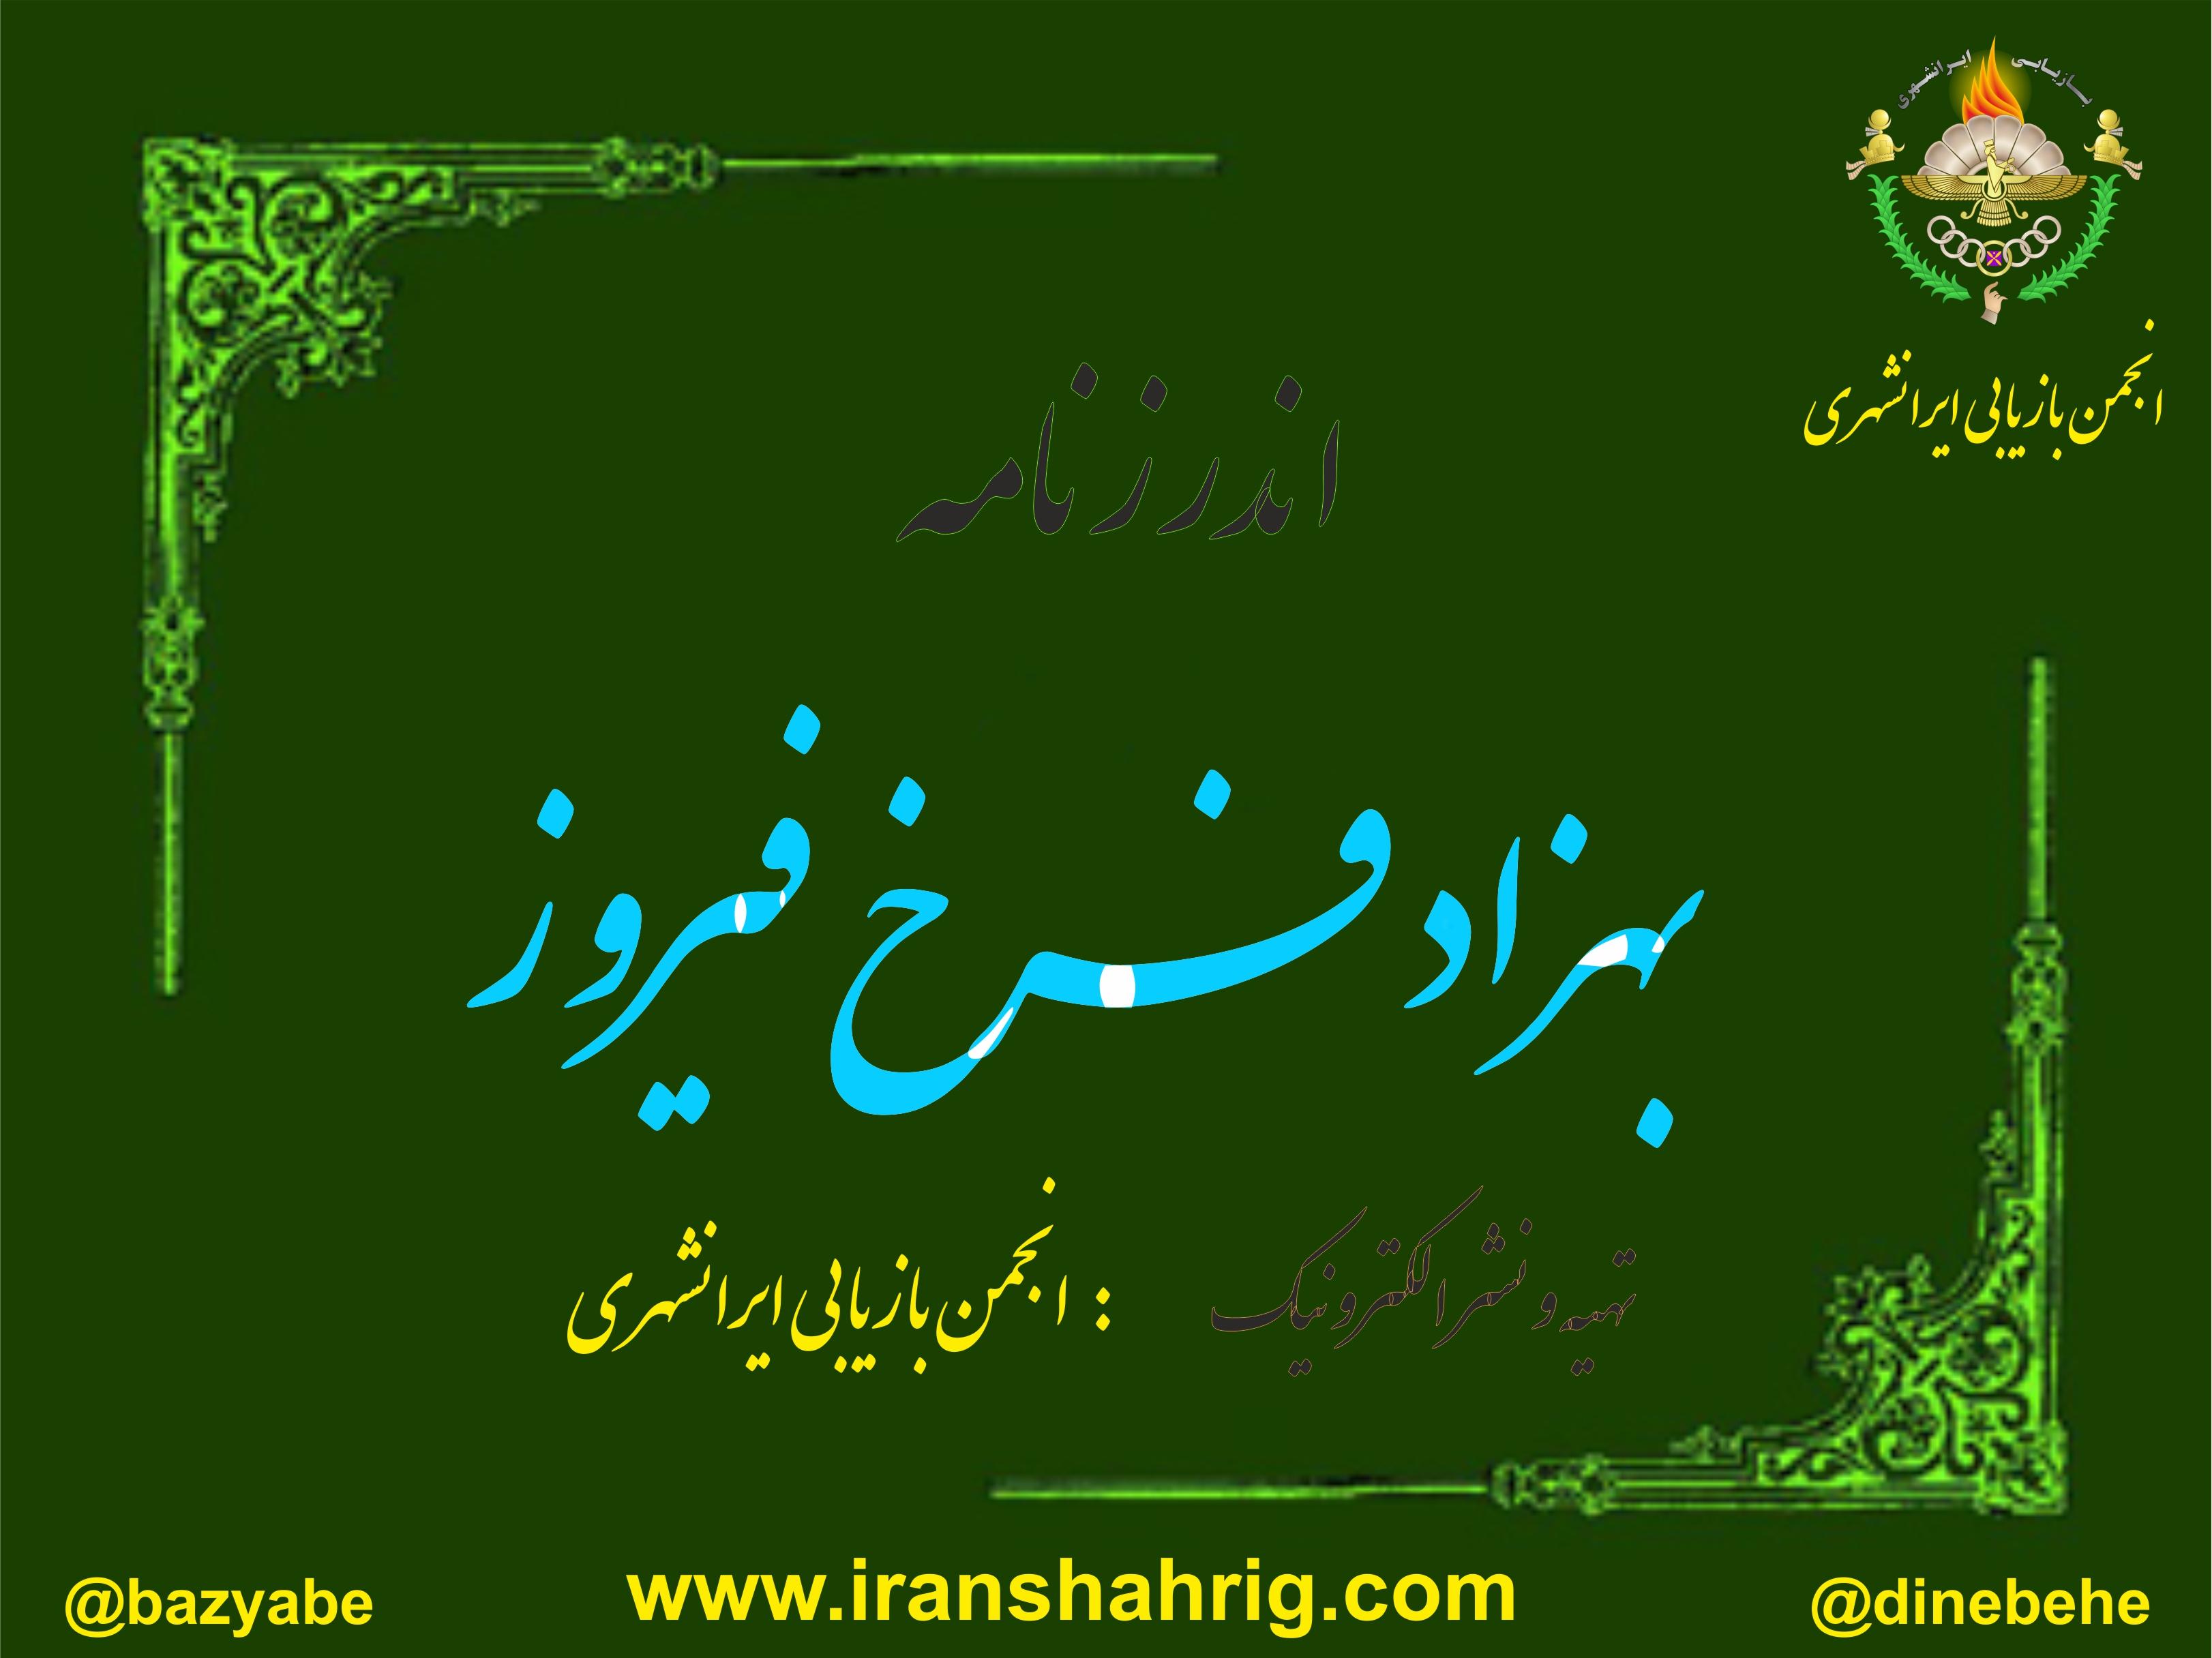 اندرز بهزاد فرخ فیروز / بهزاد فرخ فیروز